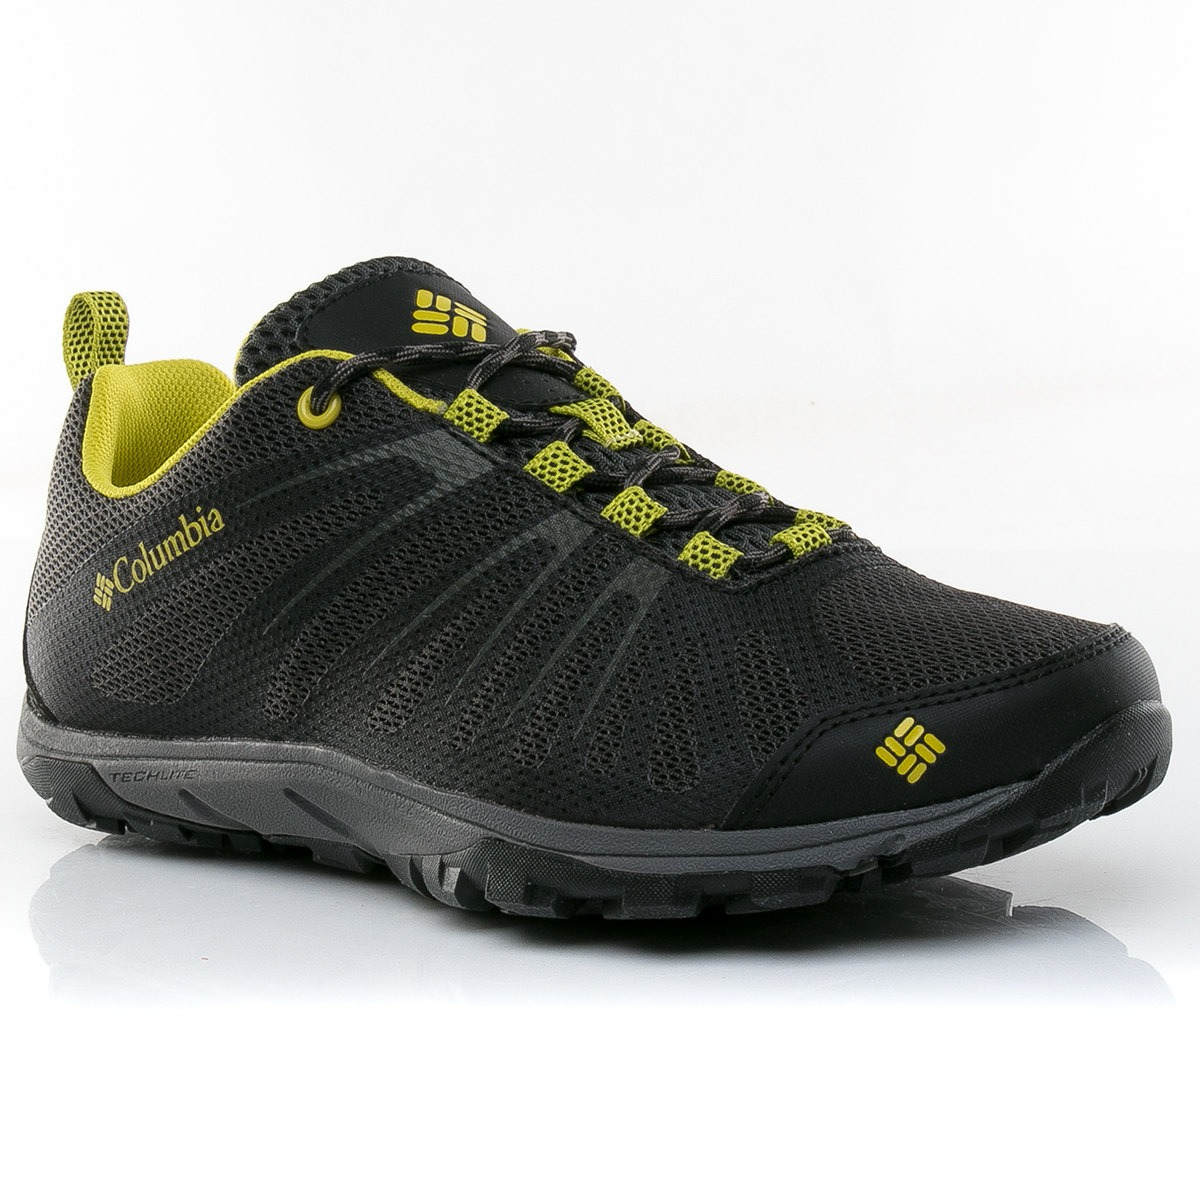 zapatillas conspiracy razor columbia sportwear. Cargando zoom. 0906de54c5